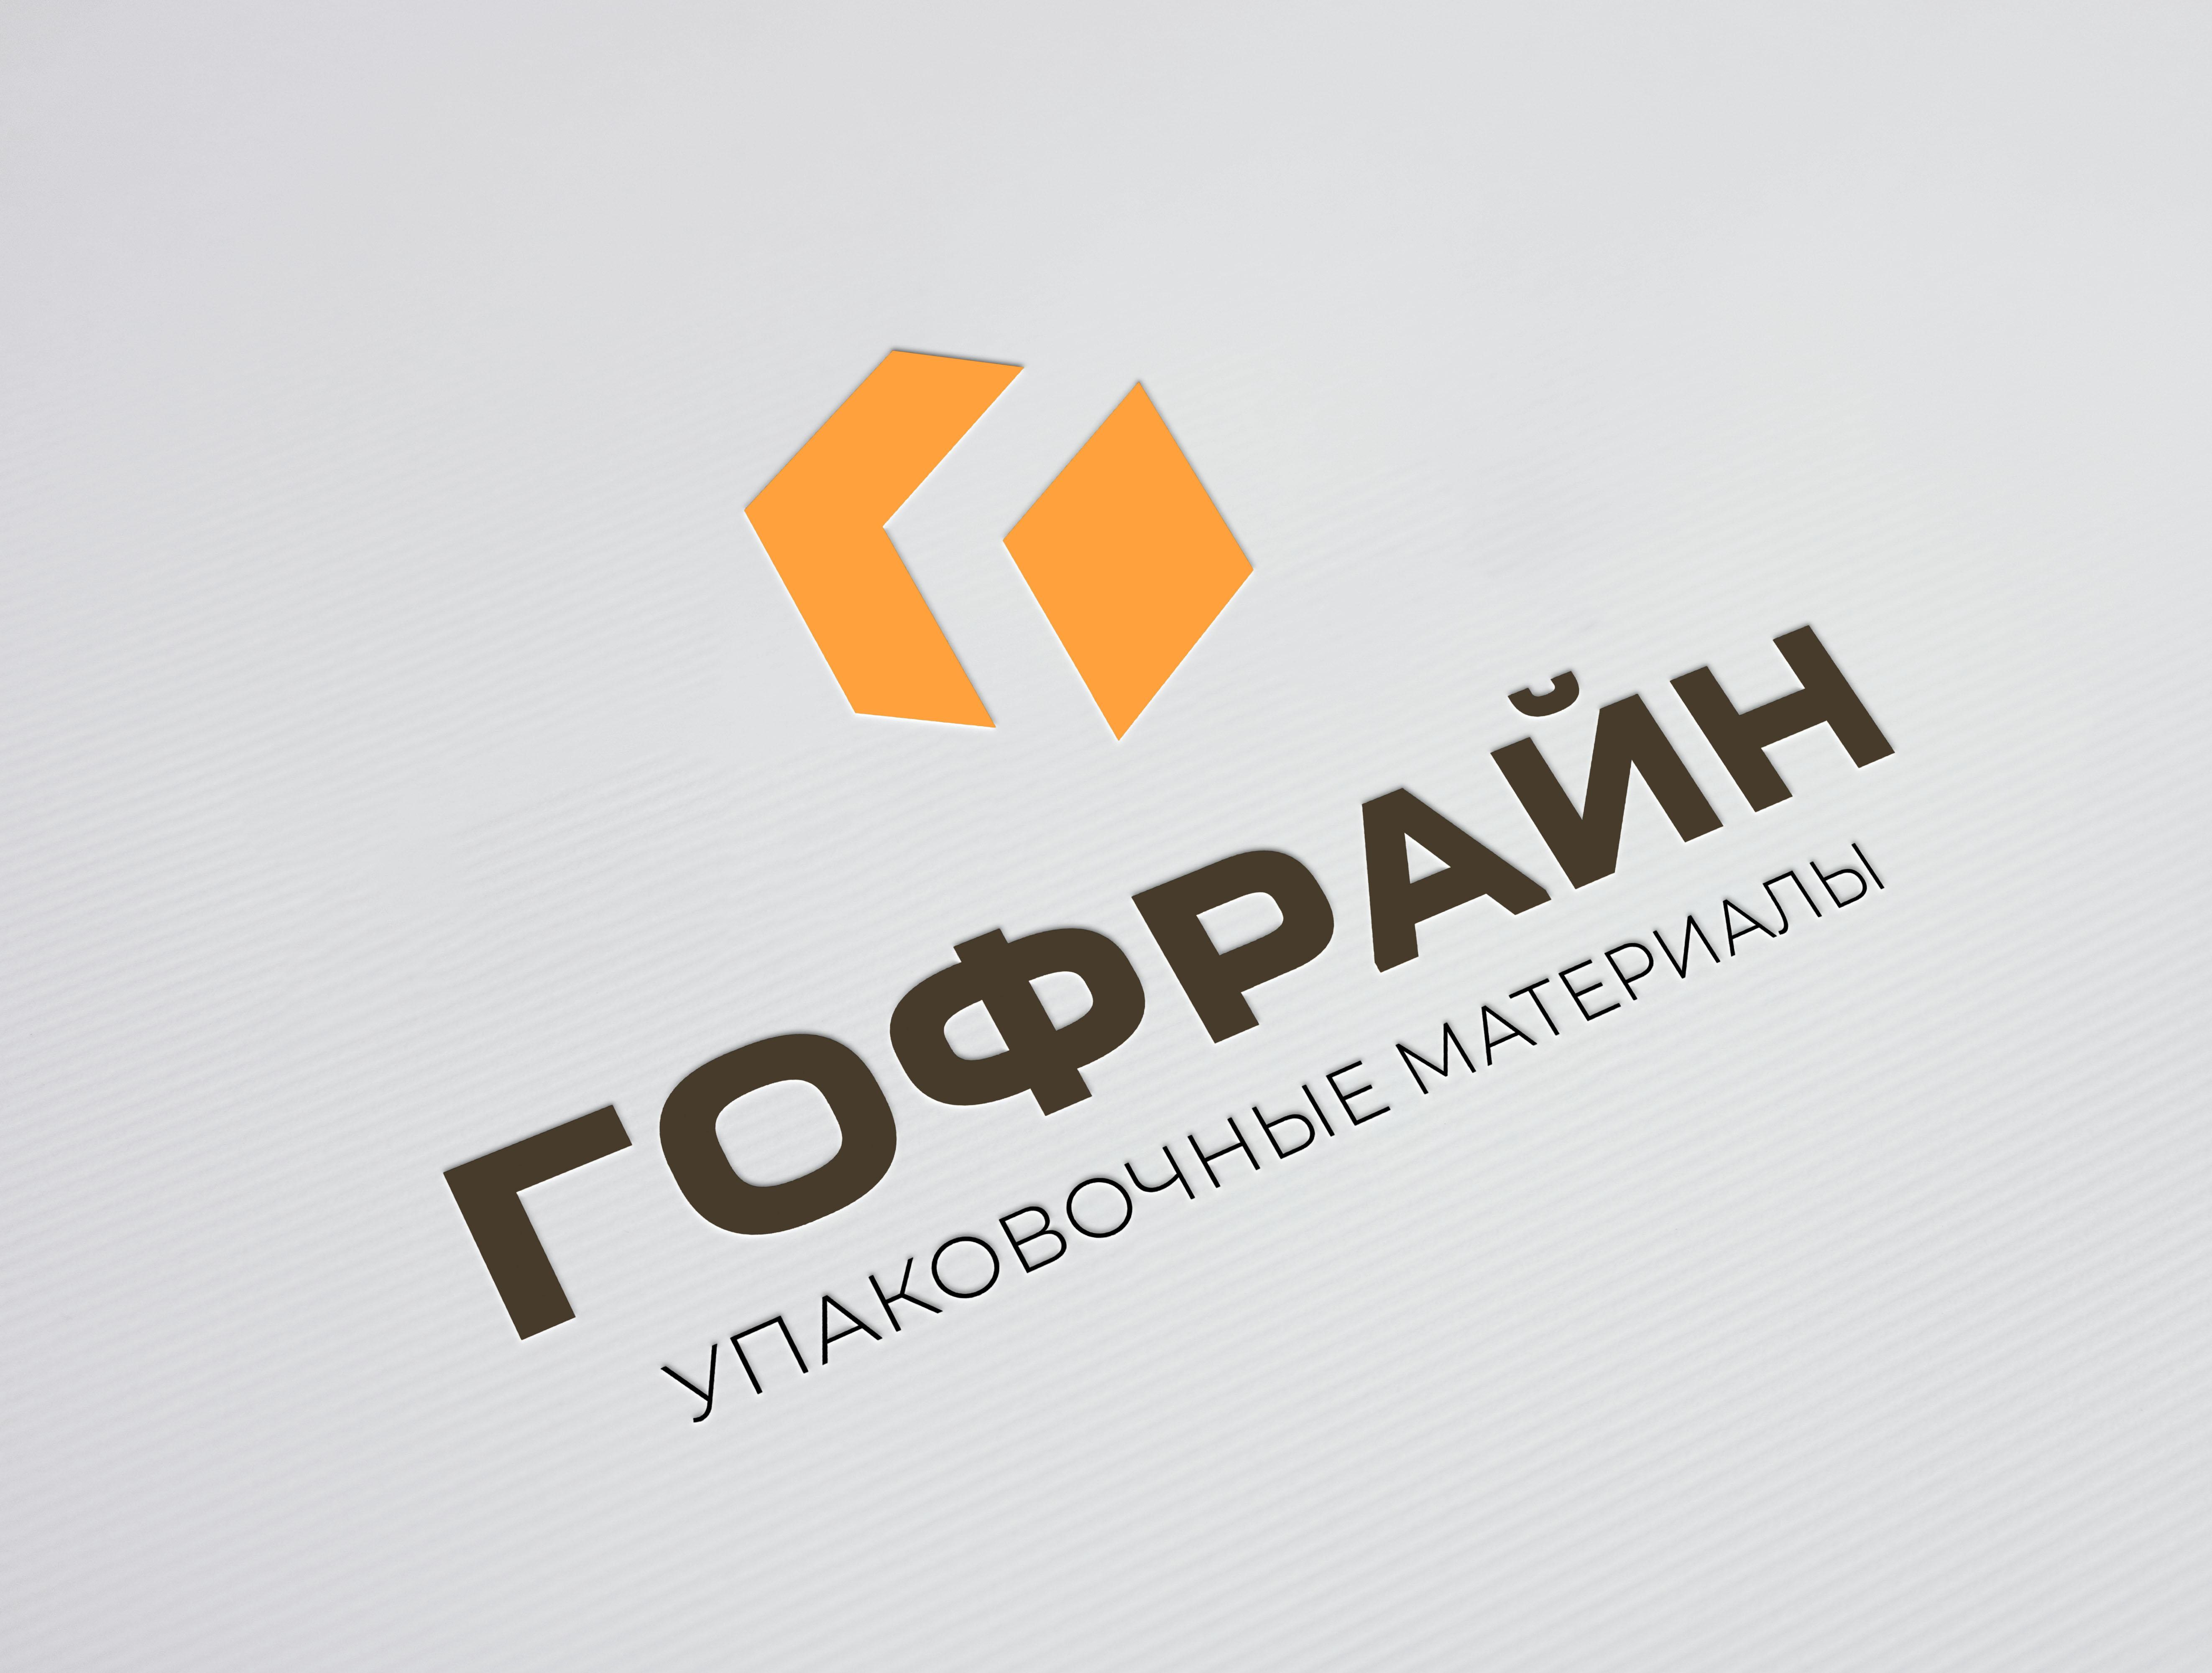 Логотип для компании по реализации упаковки из гофрокартона фото f_1805cdd6ae2bd2e0.jpg